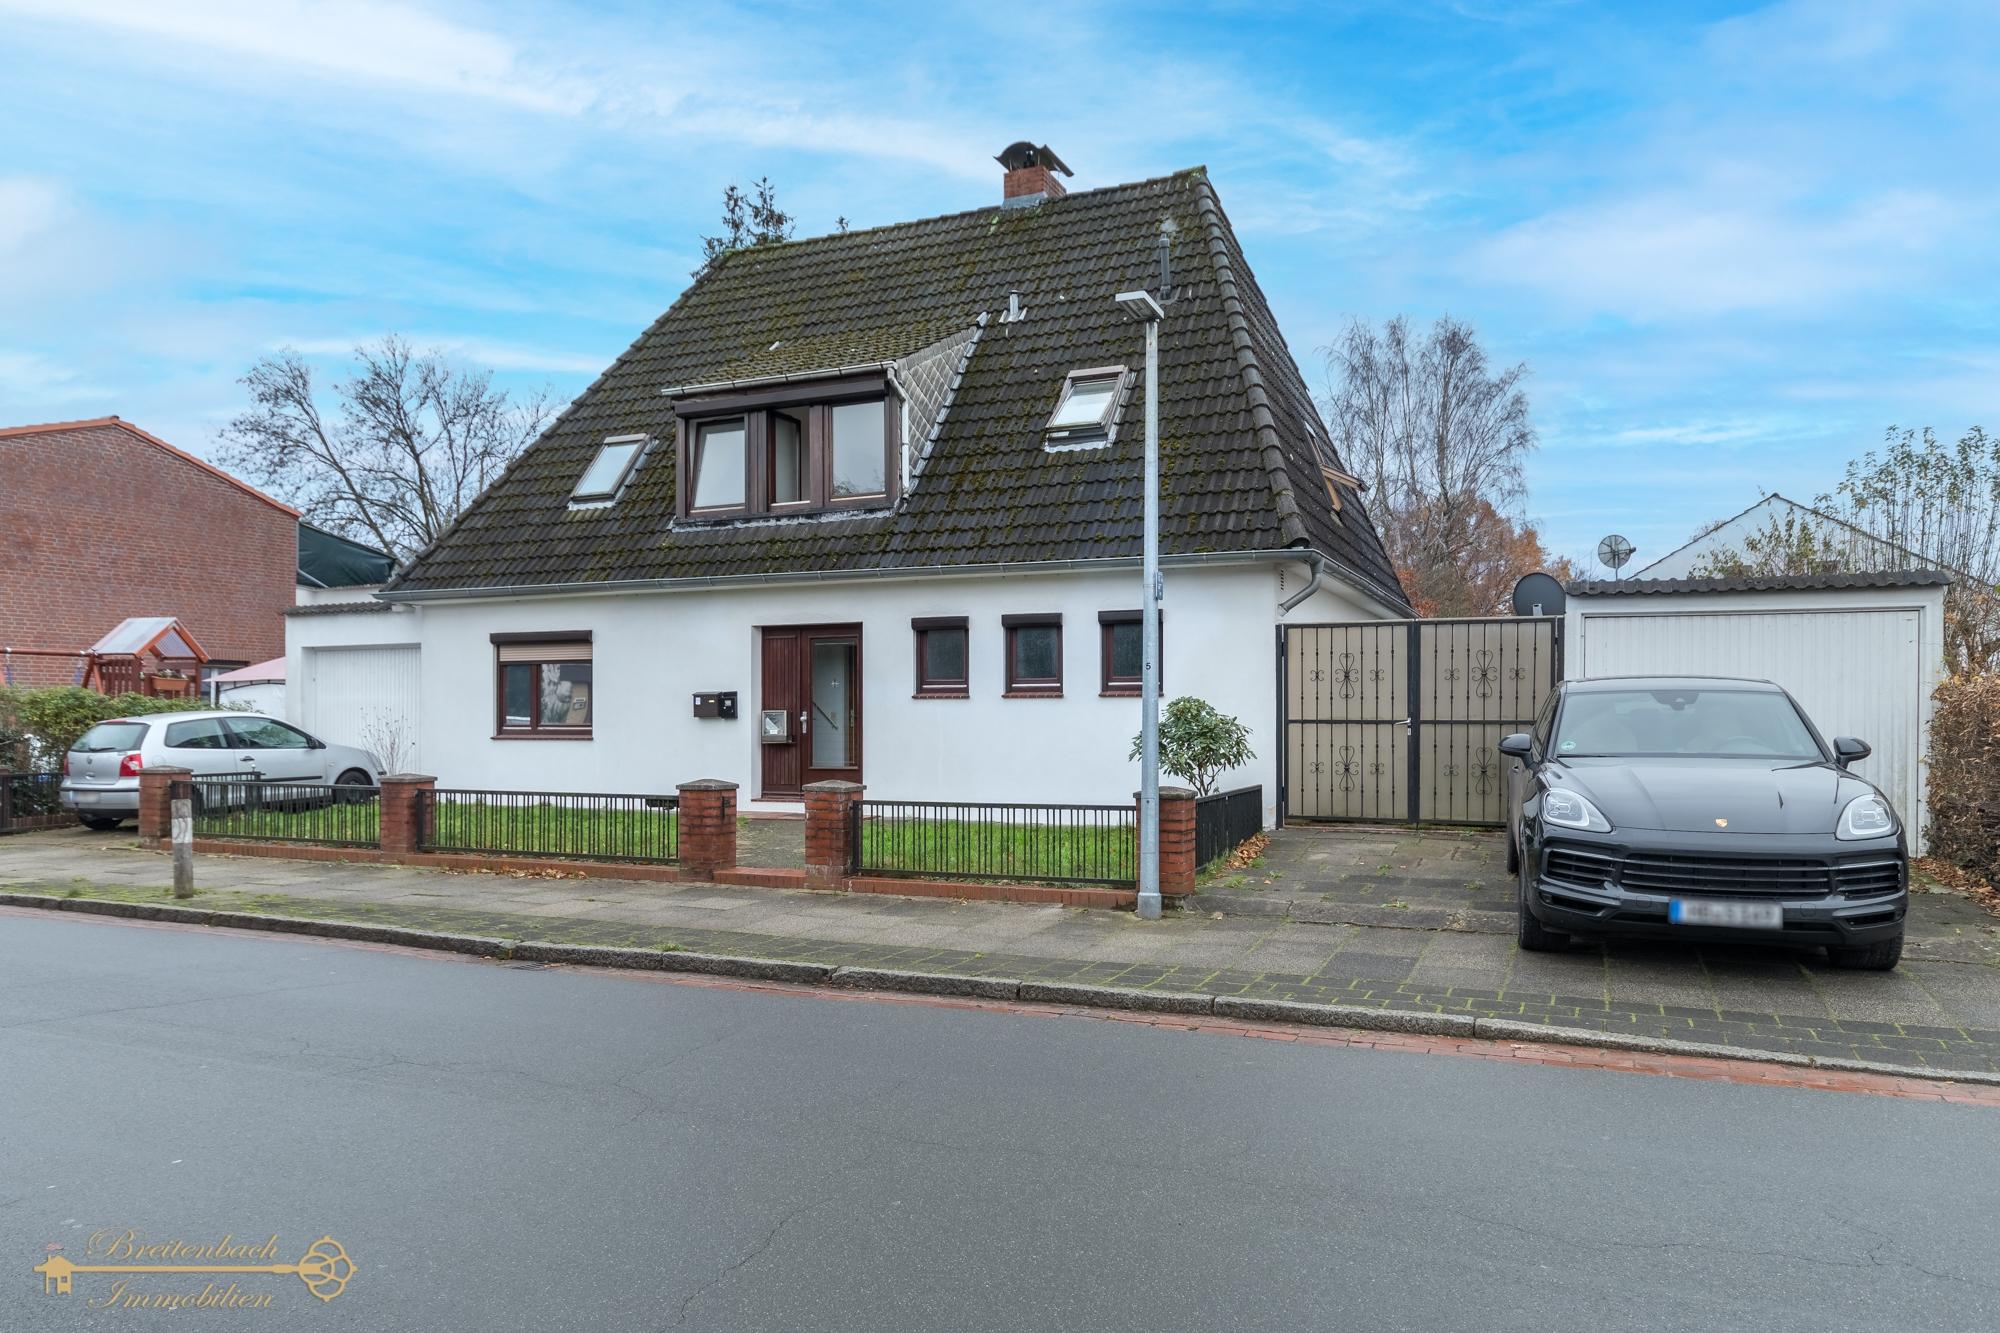 2020-11-21-Breitenbach-Immobilien-14